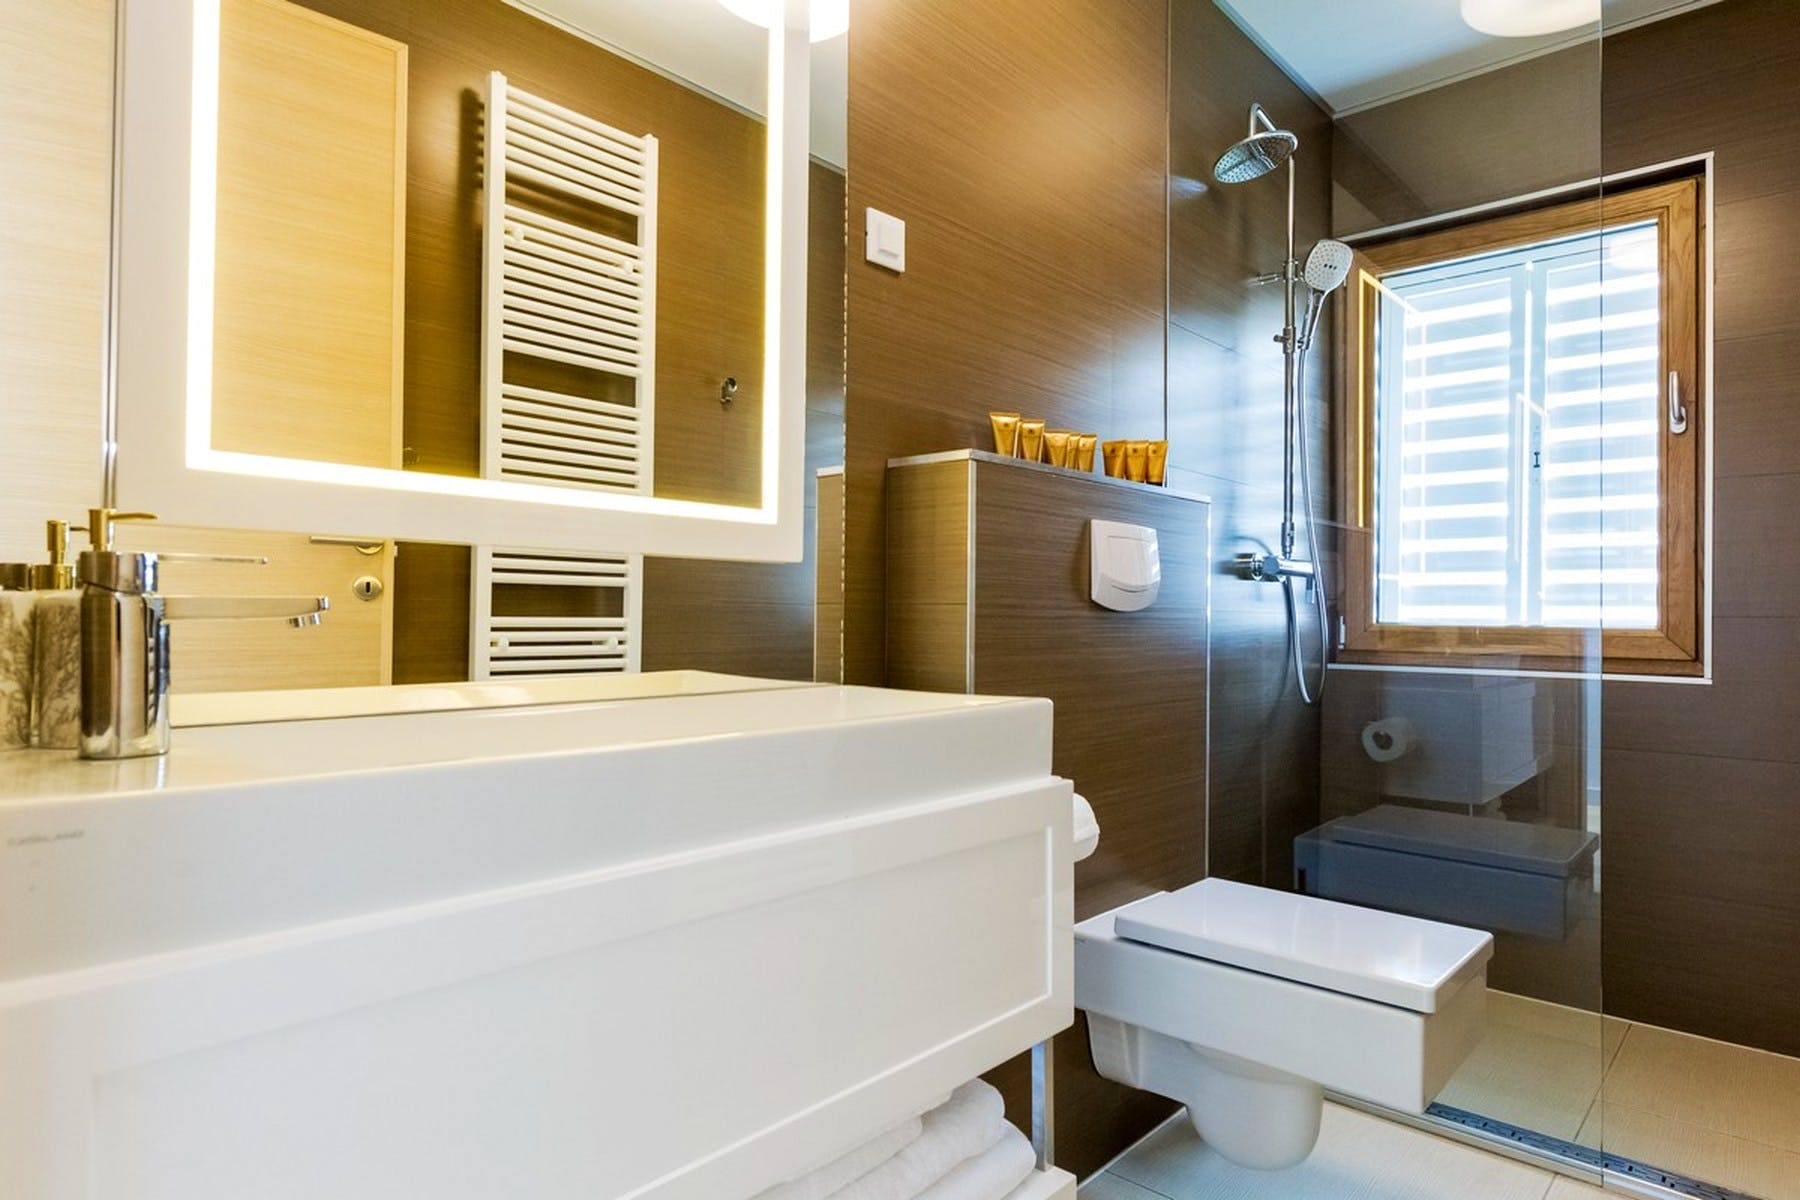 Moderno uređena kupaonica